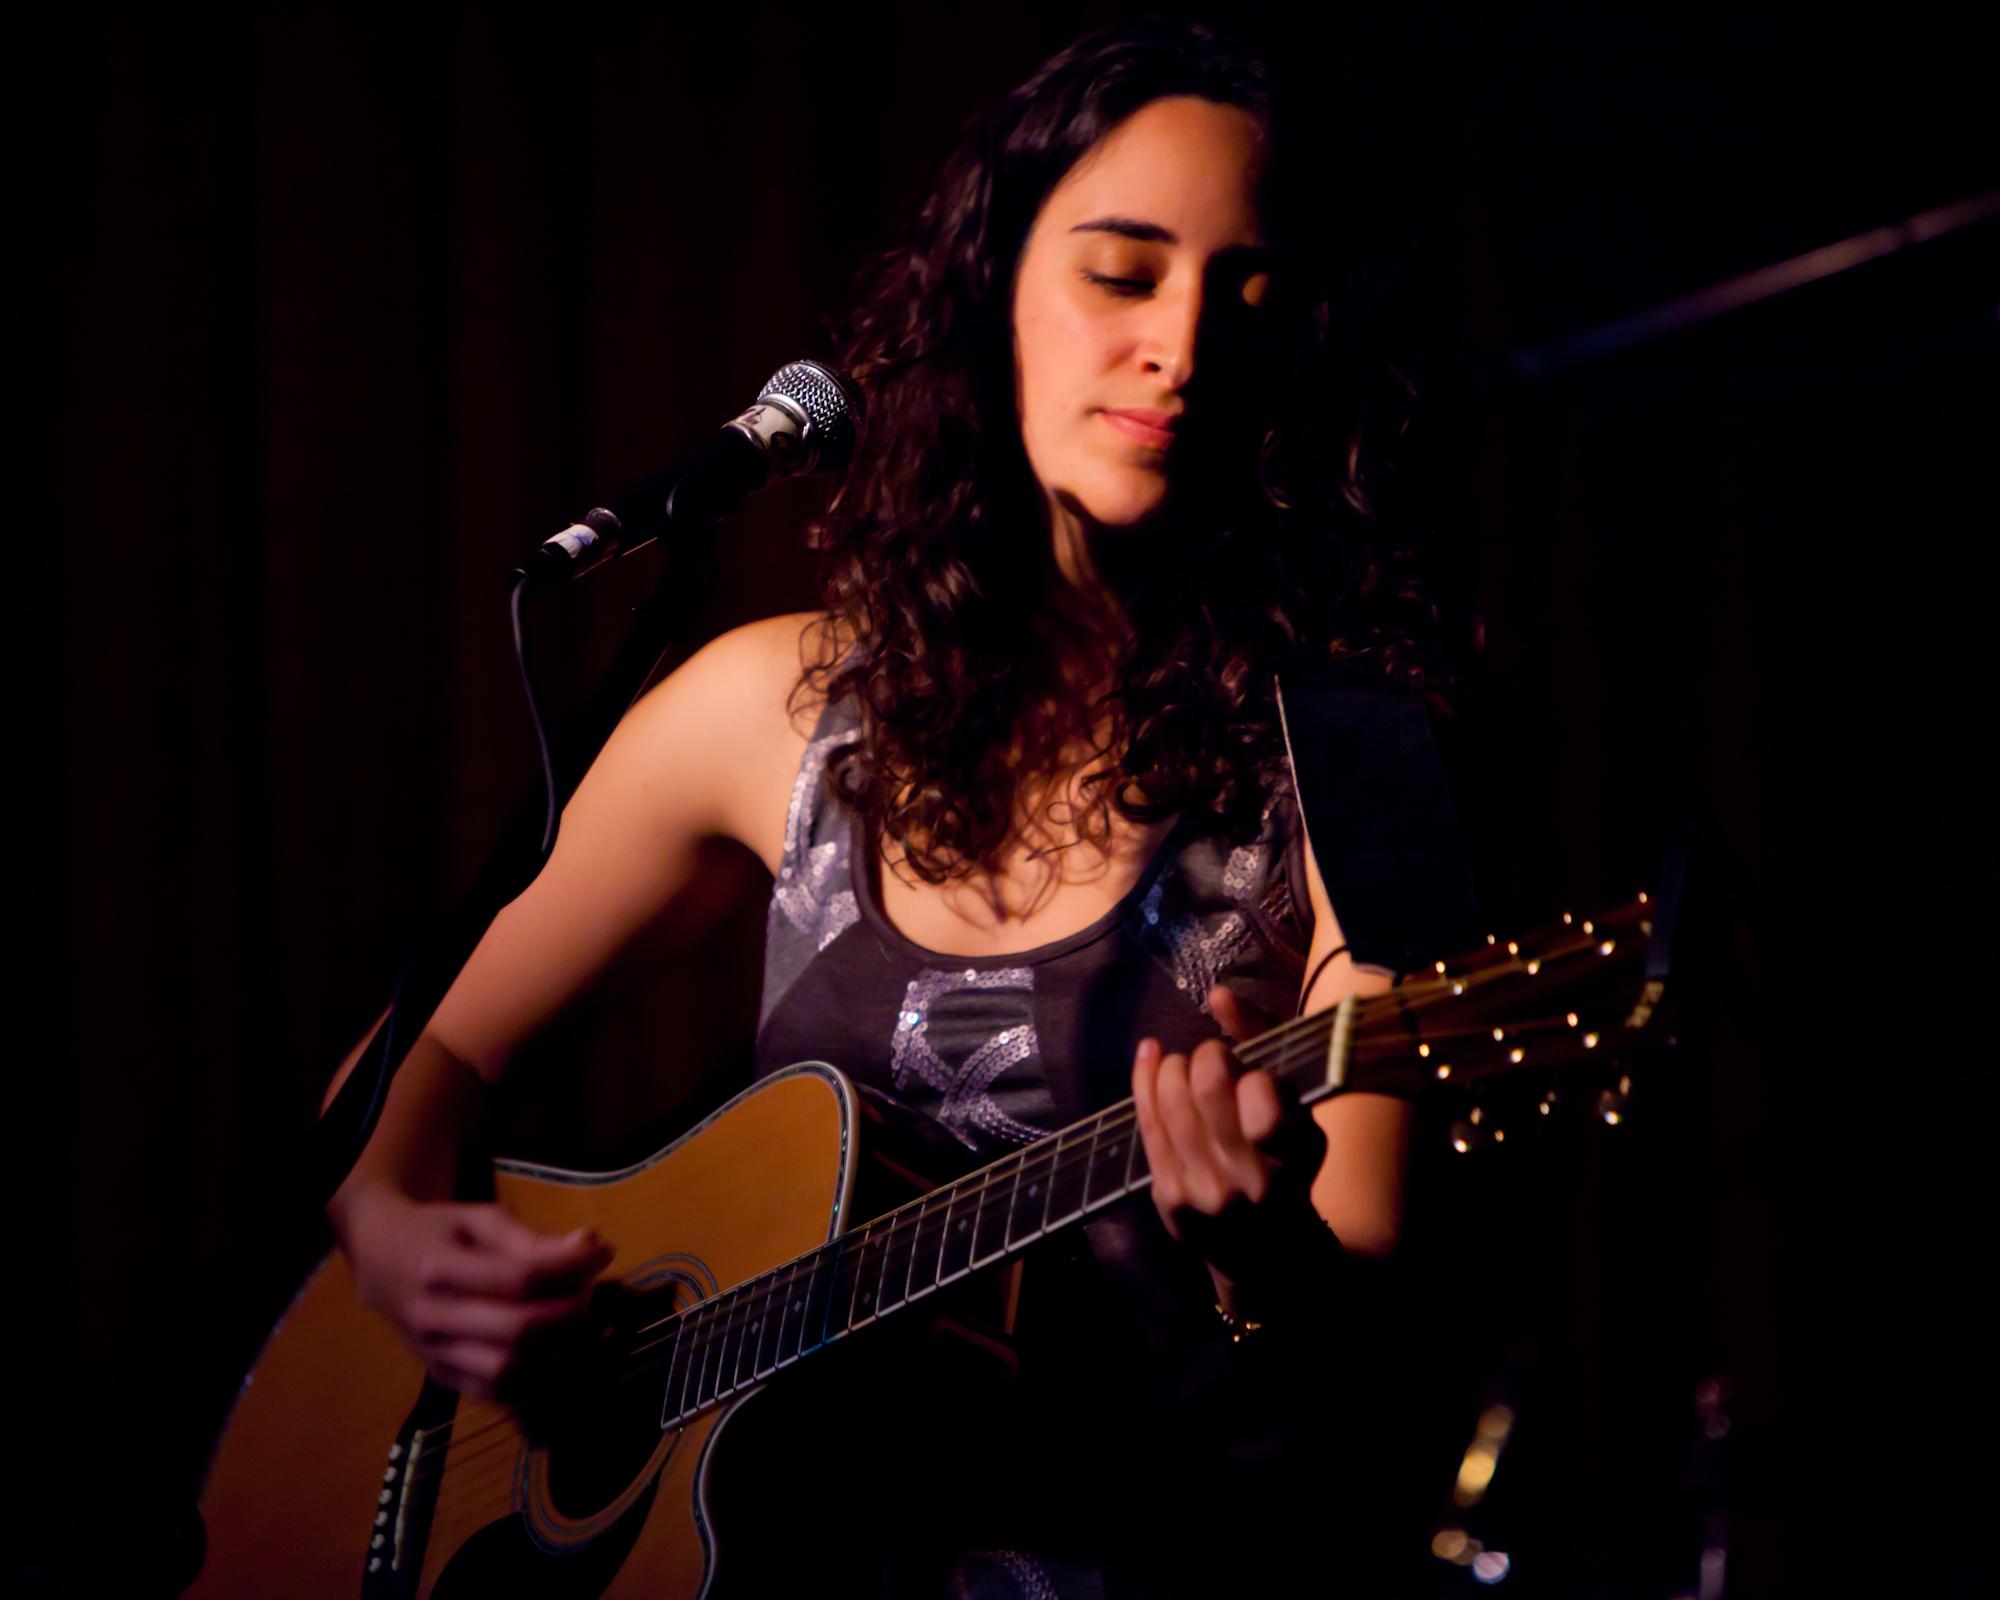 singer brent michelle